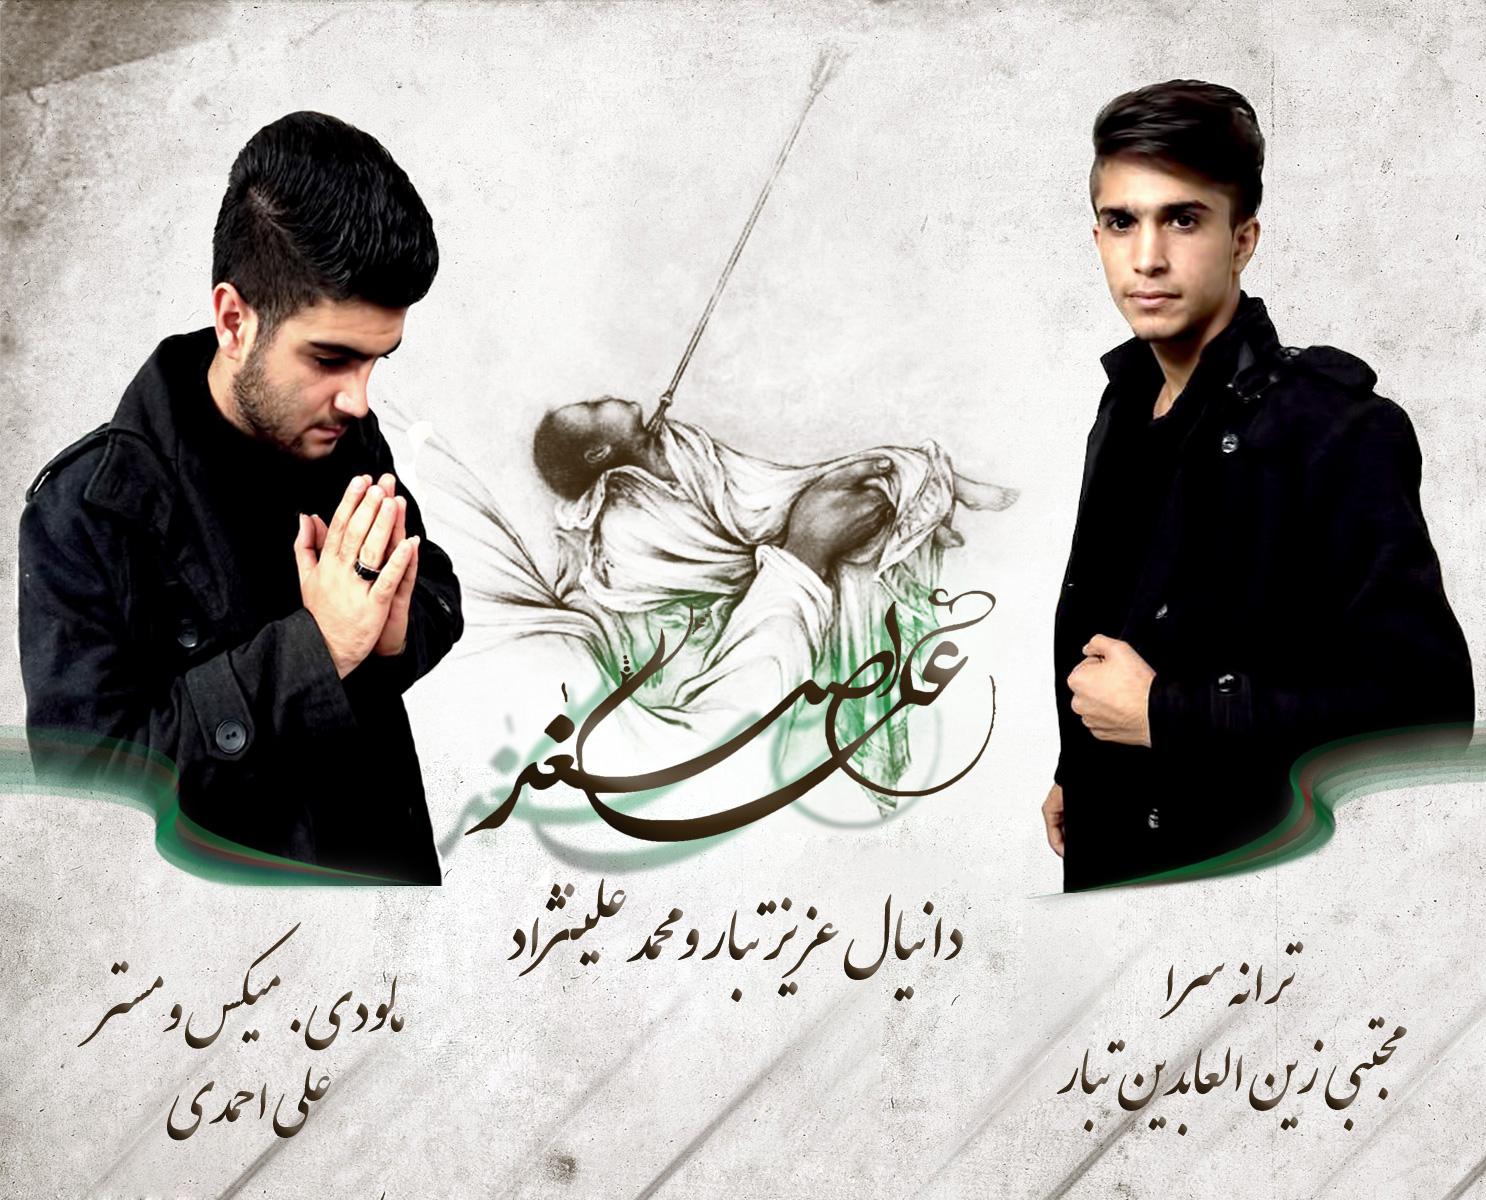 آهنگ علی اصغر از دانیال عزیزتبار و محمد علینژاد